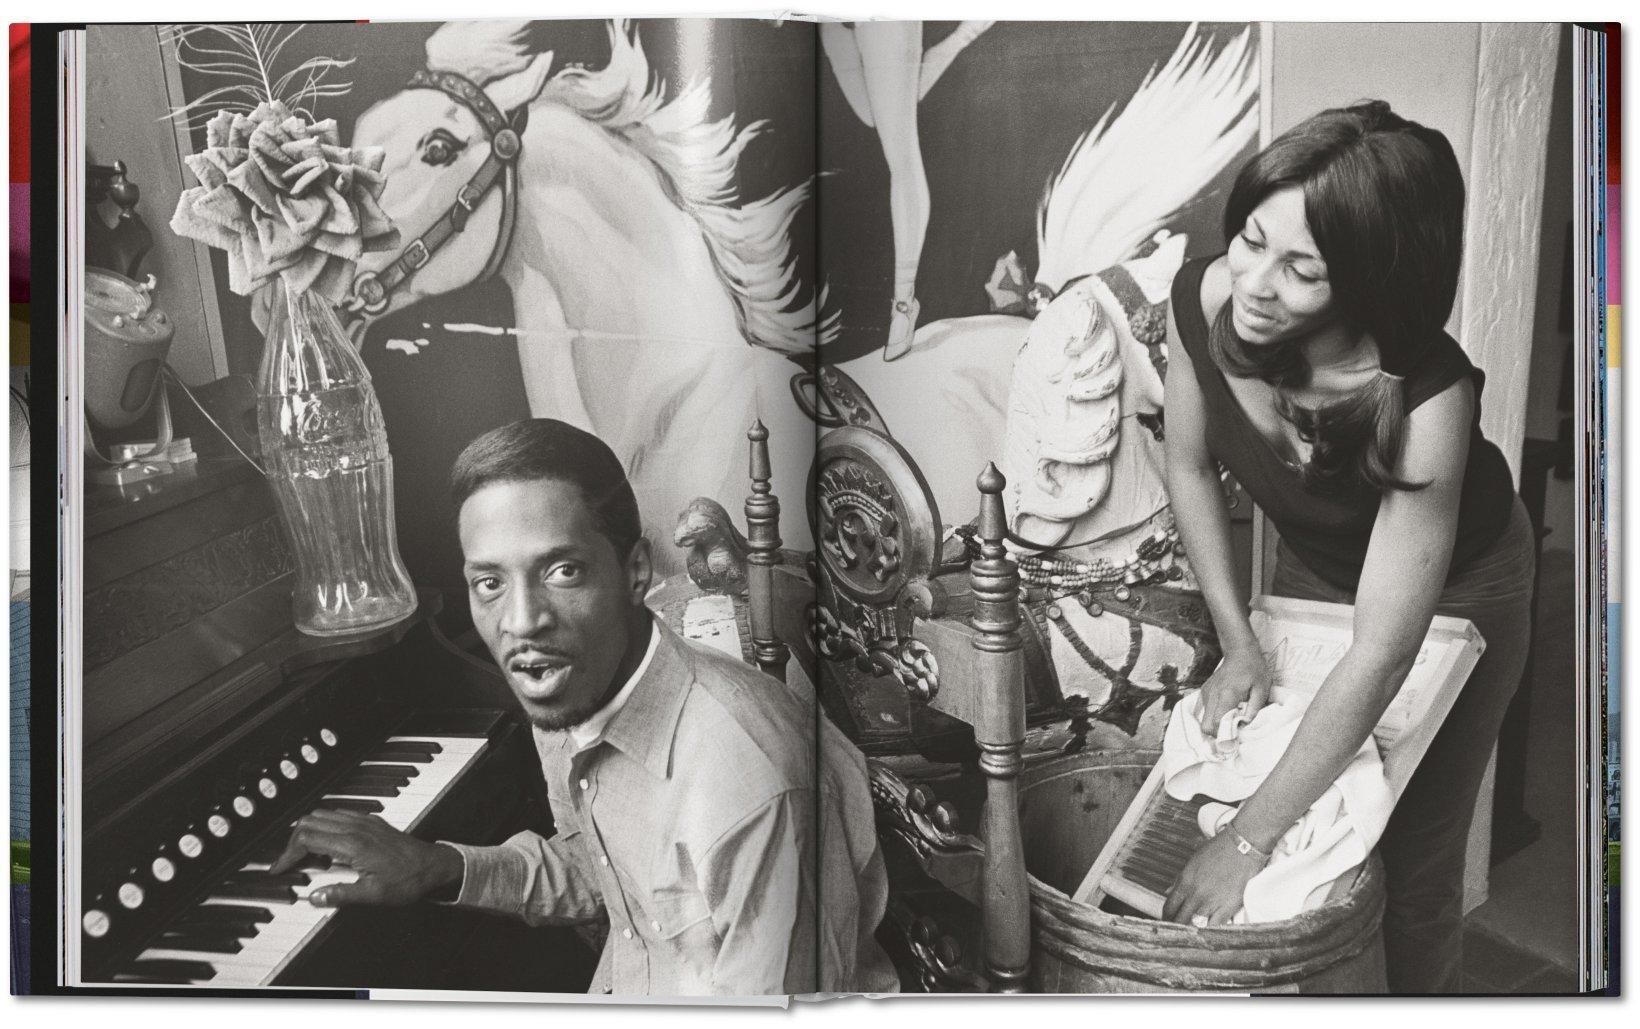 Ike and Tina Turner, 1965.